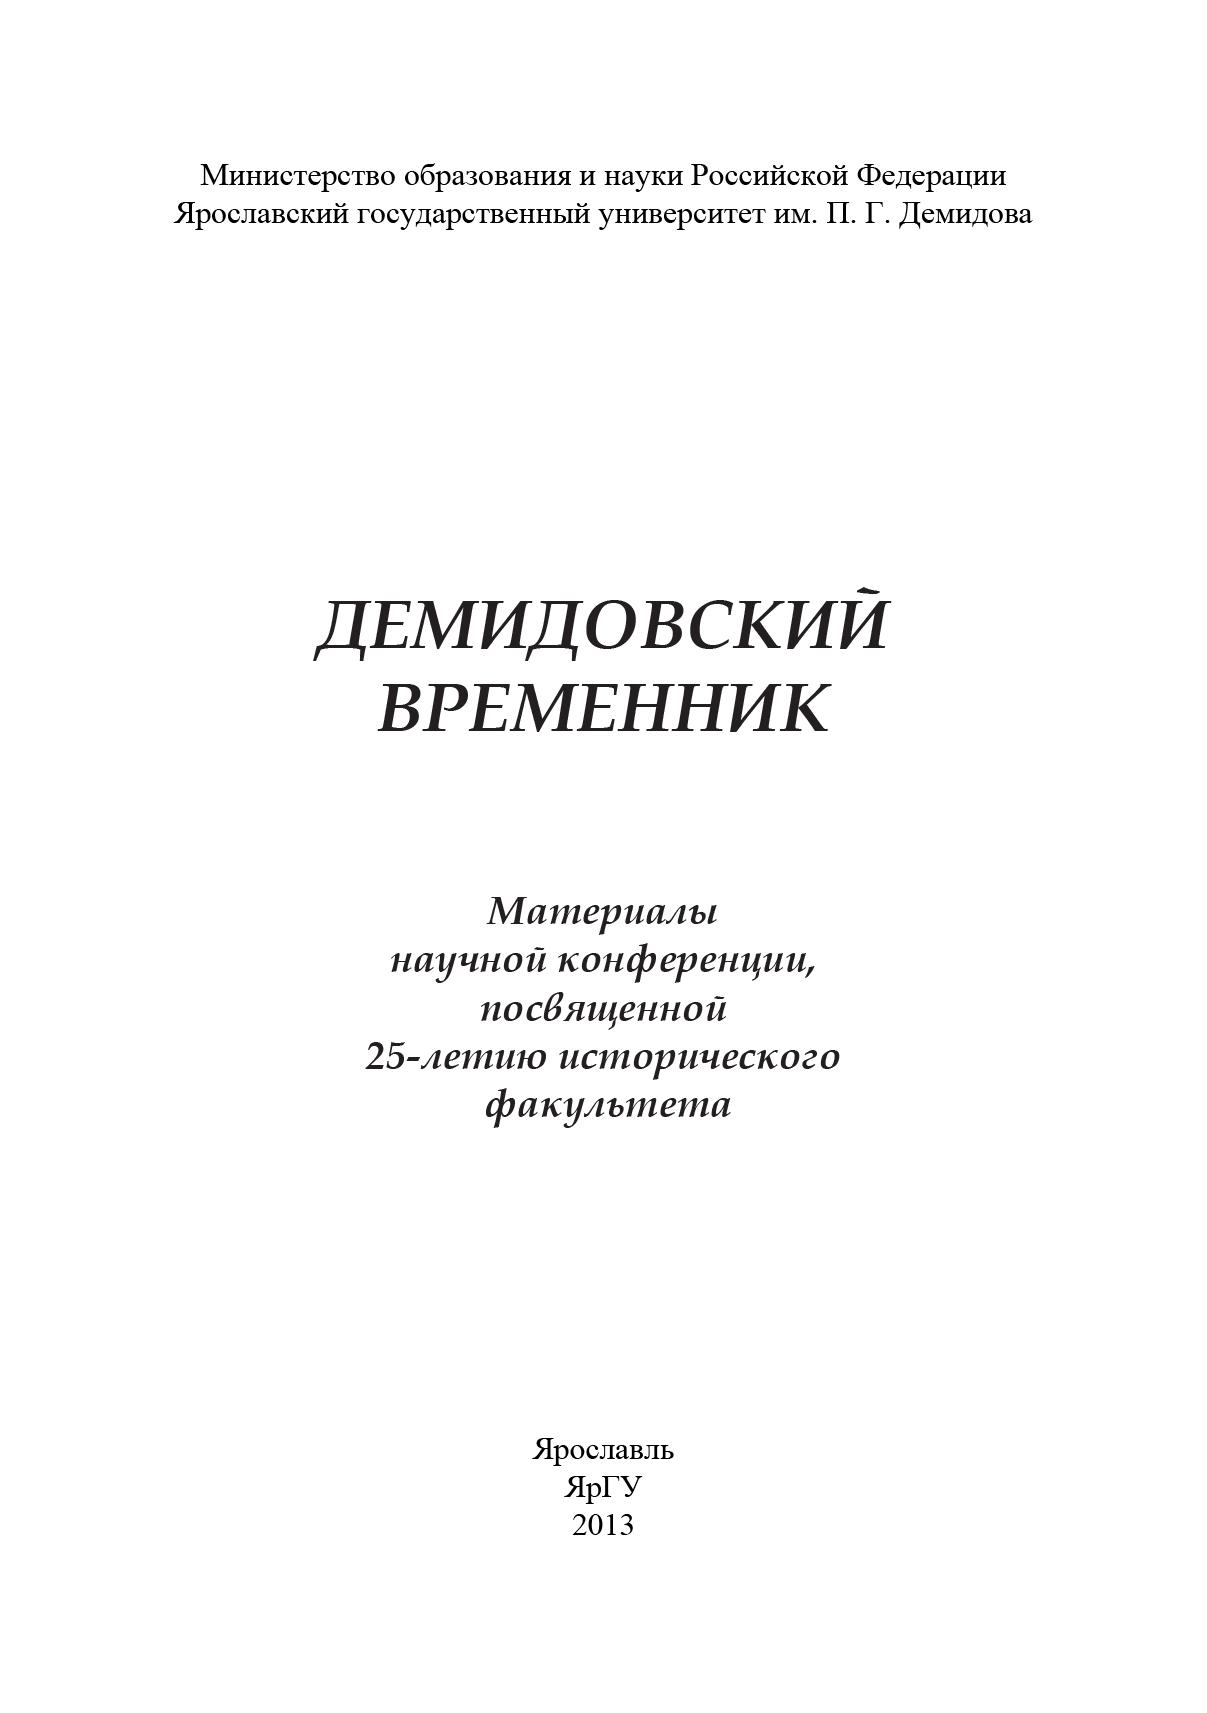 Коллектив авторов Демидовский временник великие битвы мировой истории от античности до современности